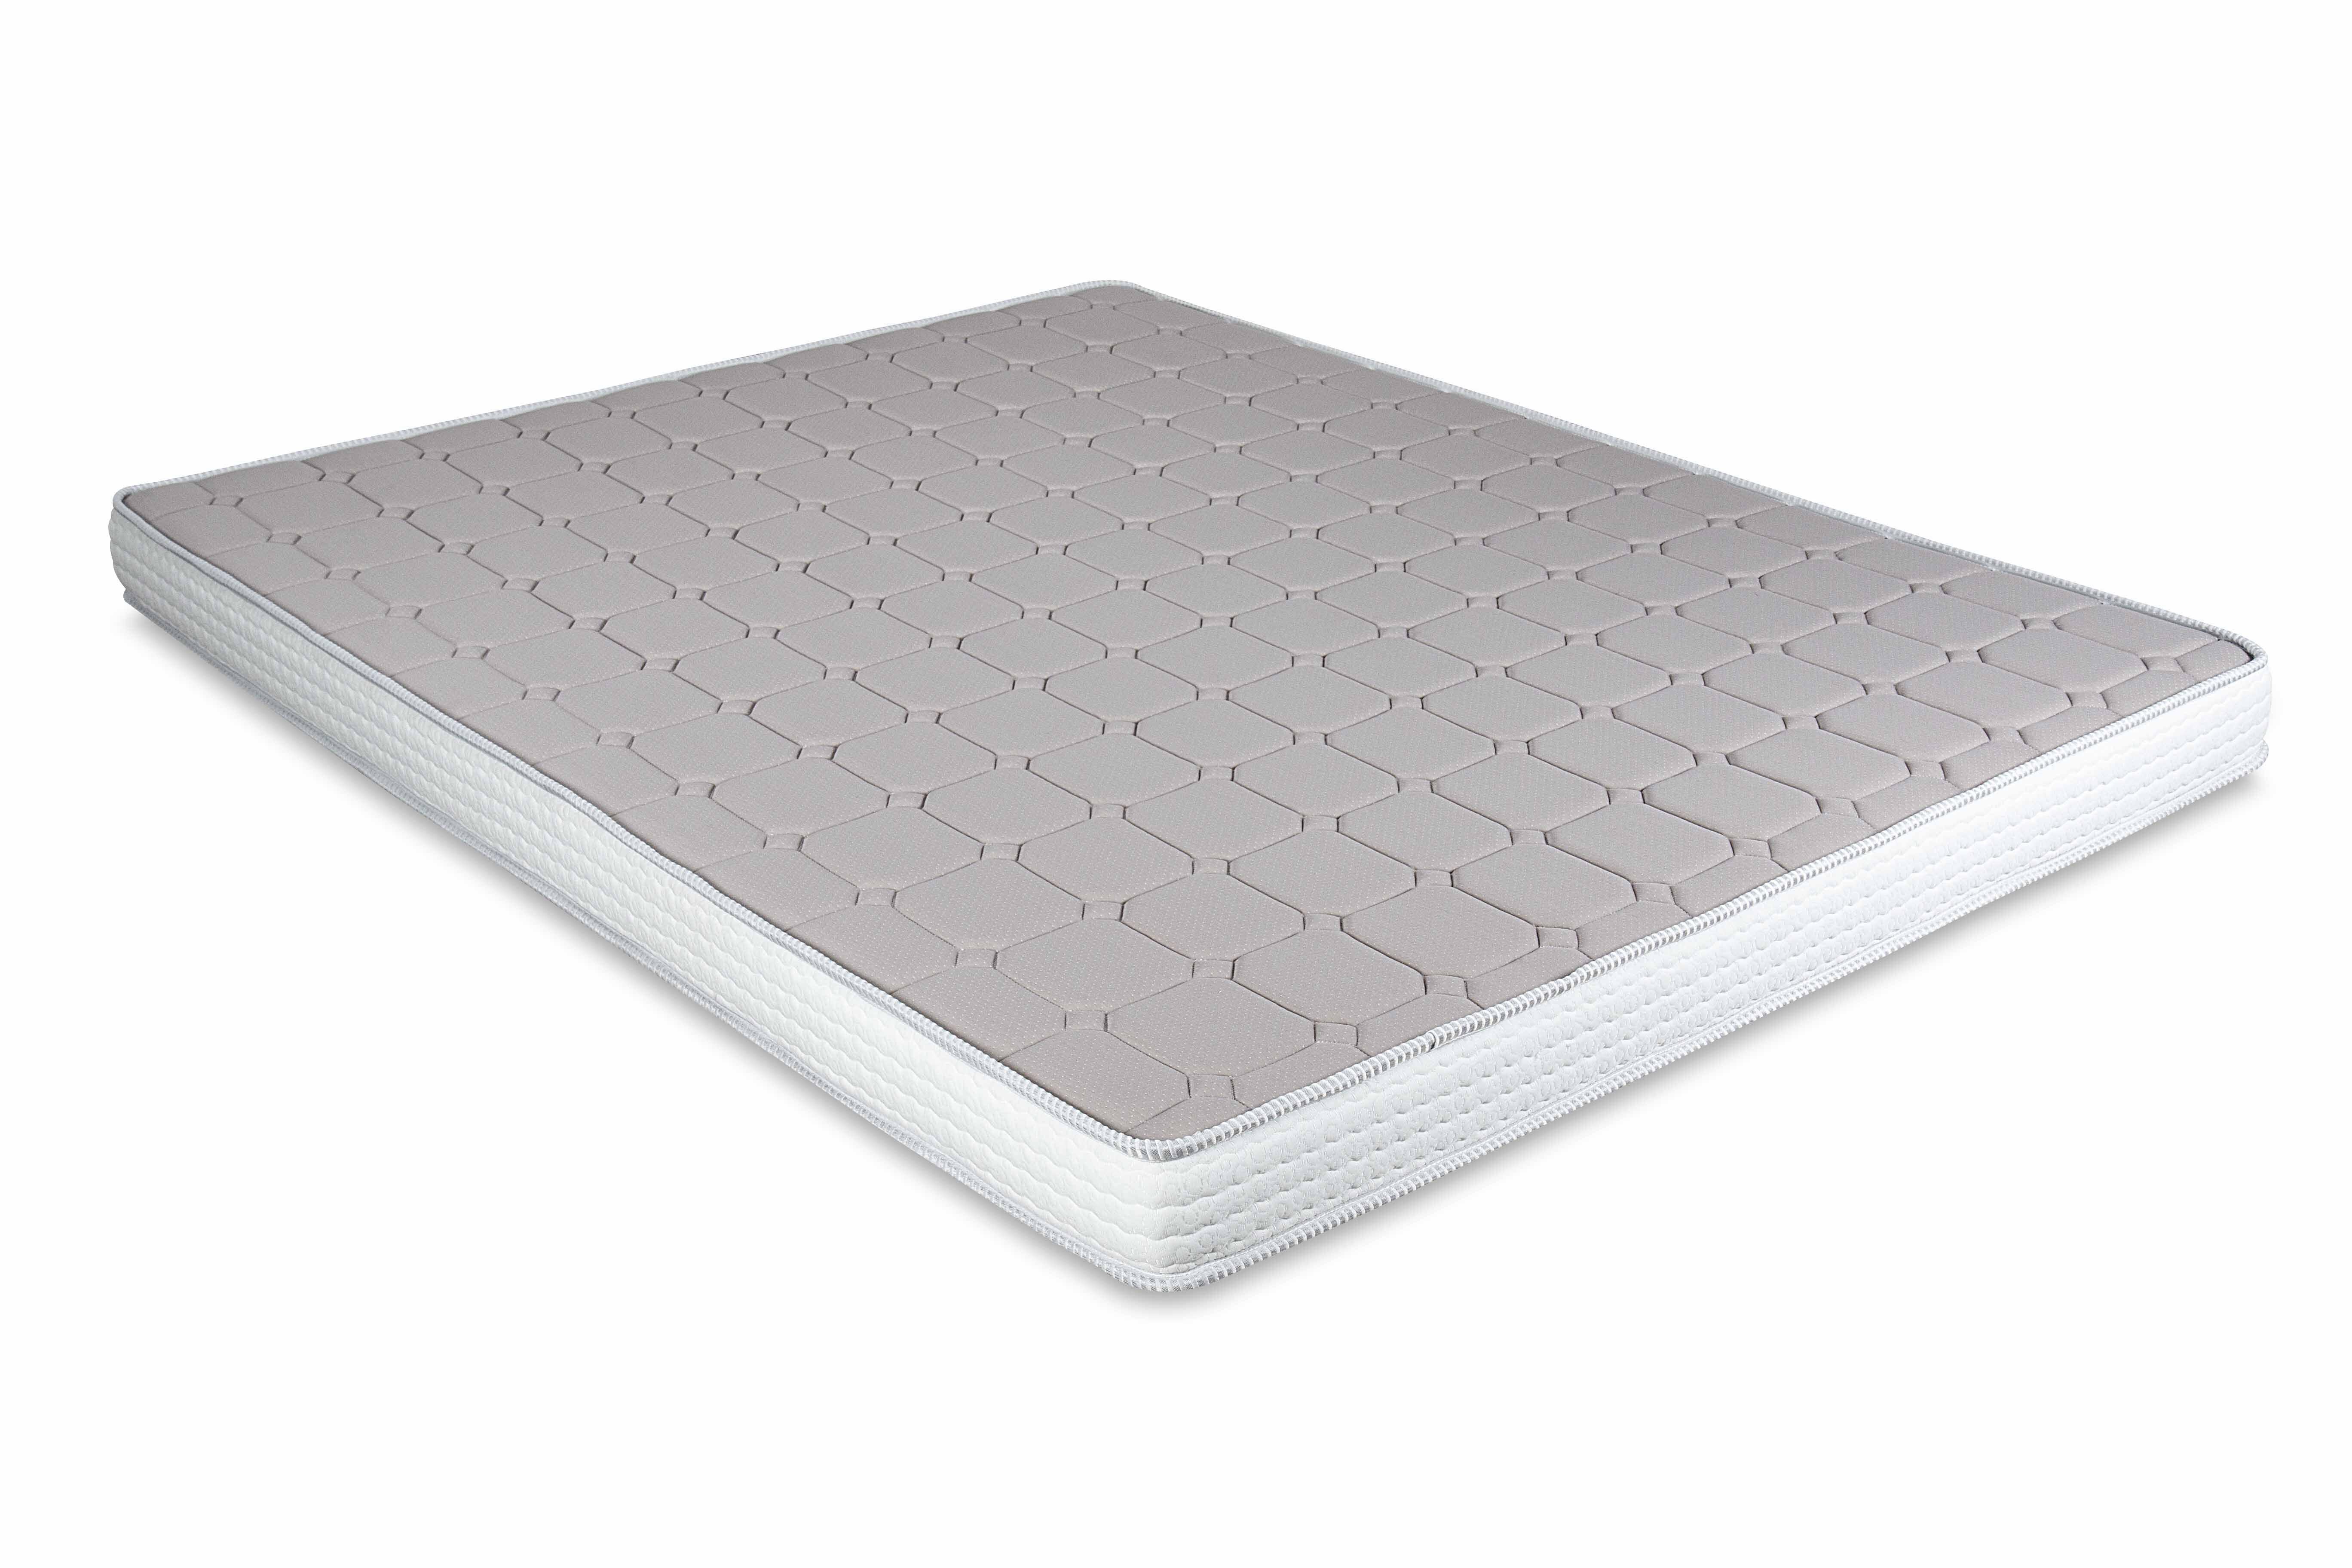 materasso per divano letto ortopedico in memory foam ergonomico per prontoletto con rivestimento anallergico daybed memory